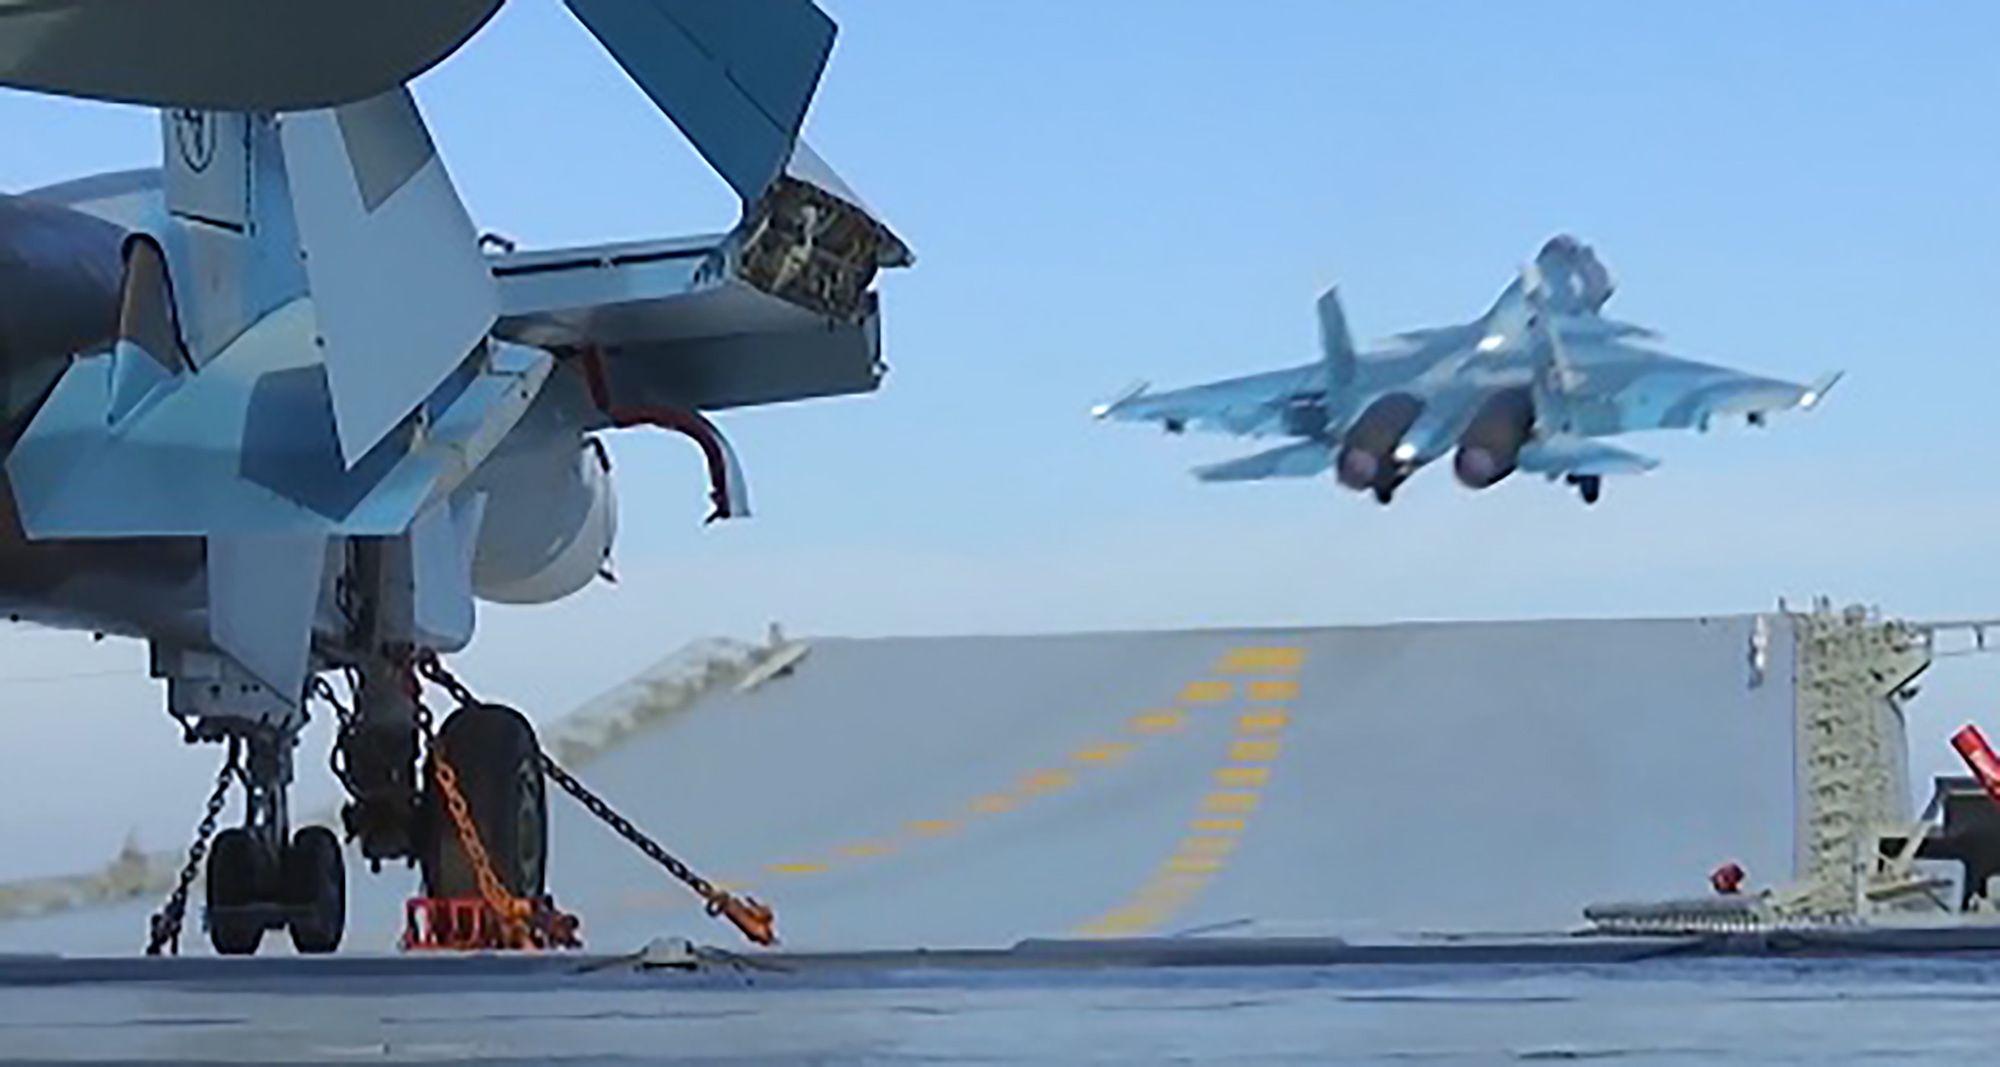 Legalább 12 civil, köztük hét gyerek halt meg egy orosz légicsapásban Szíriában